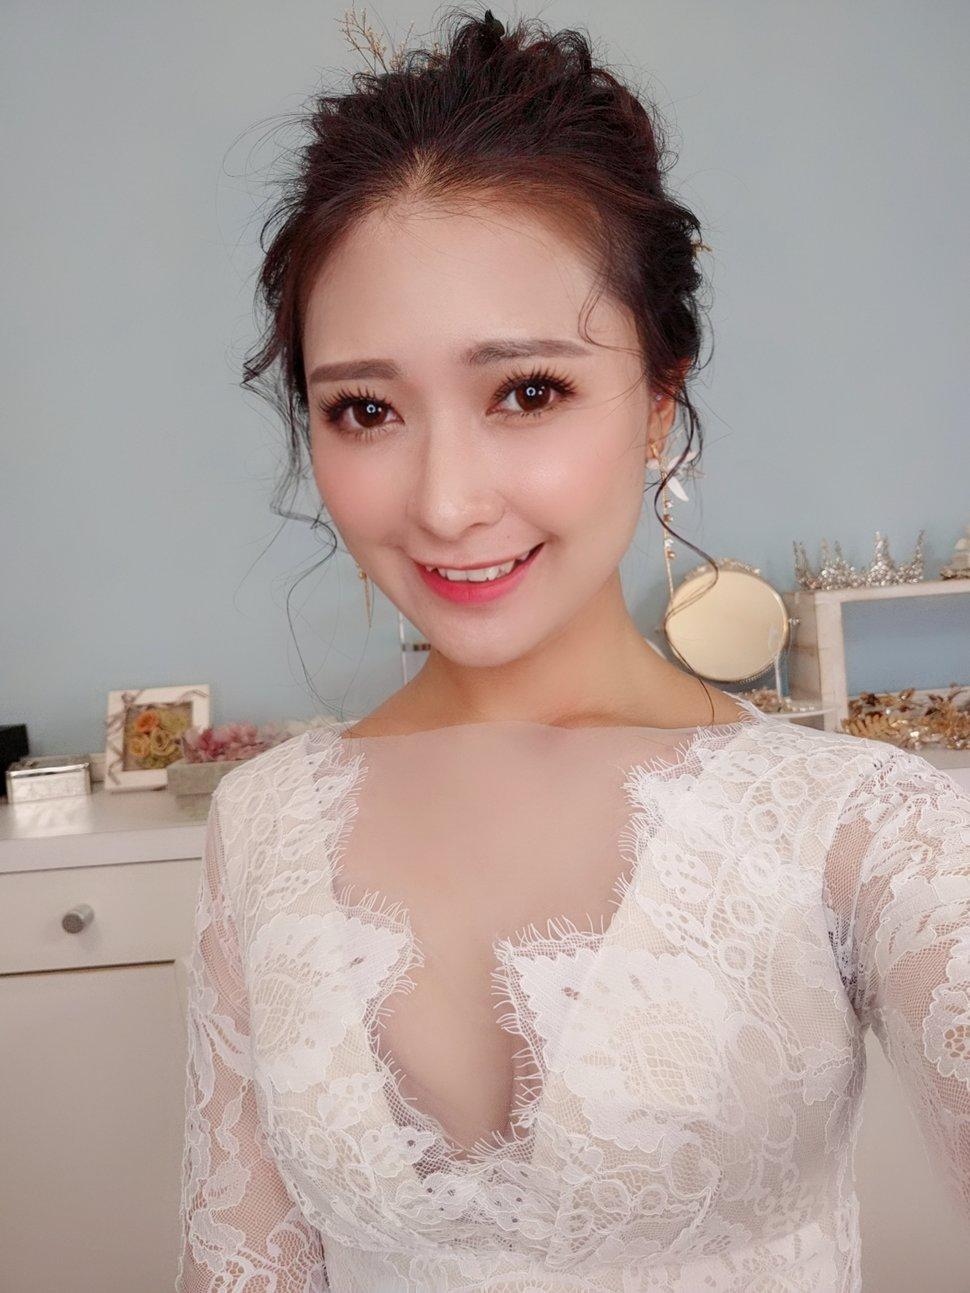 00F0EF08-1B9E-435D-AA50-7C2D544DE212 - Nanami 張慈慈《結婚吧》